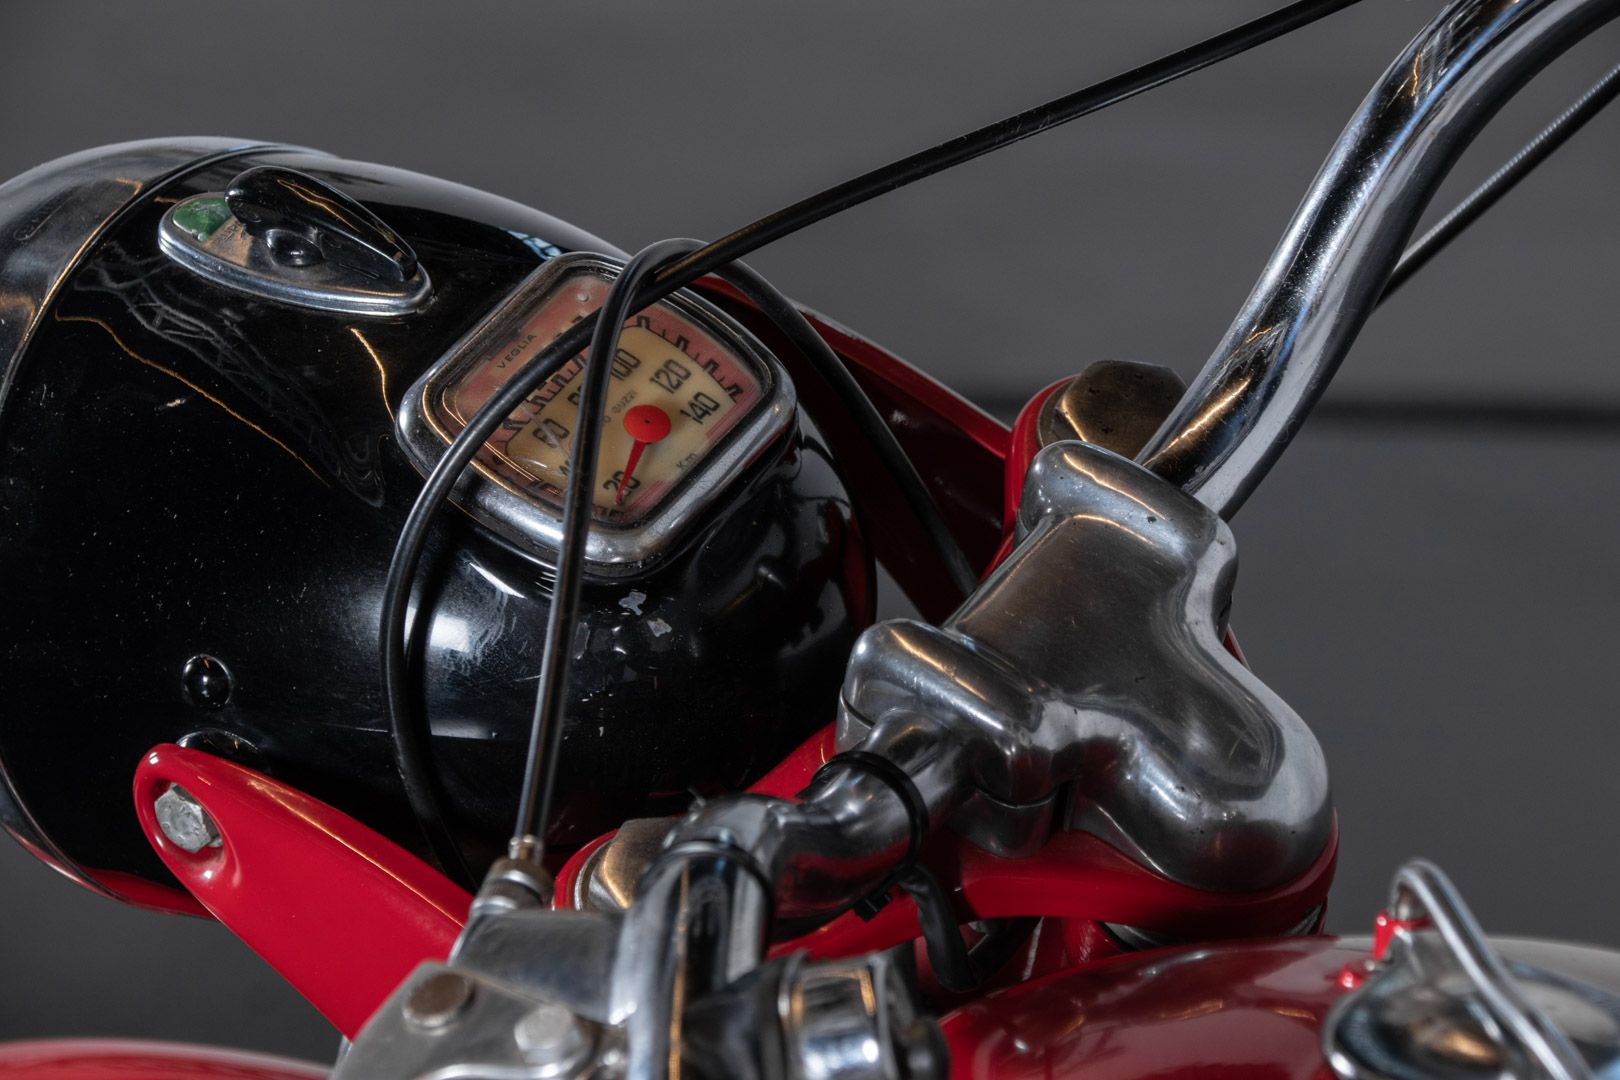 1963 Moto Guzzi Stornello 125 82241